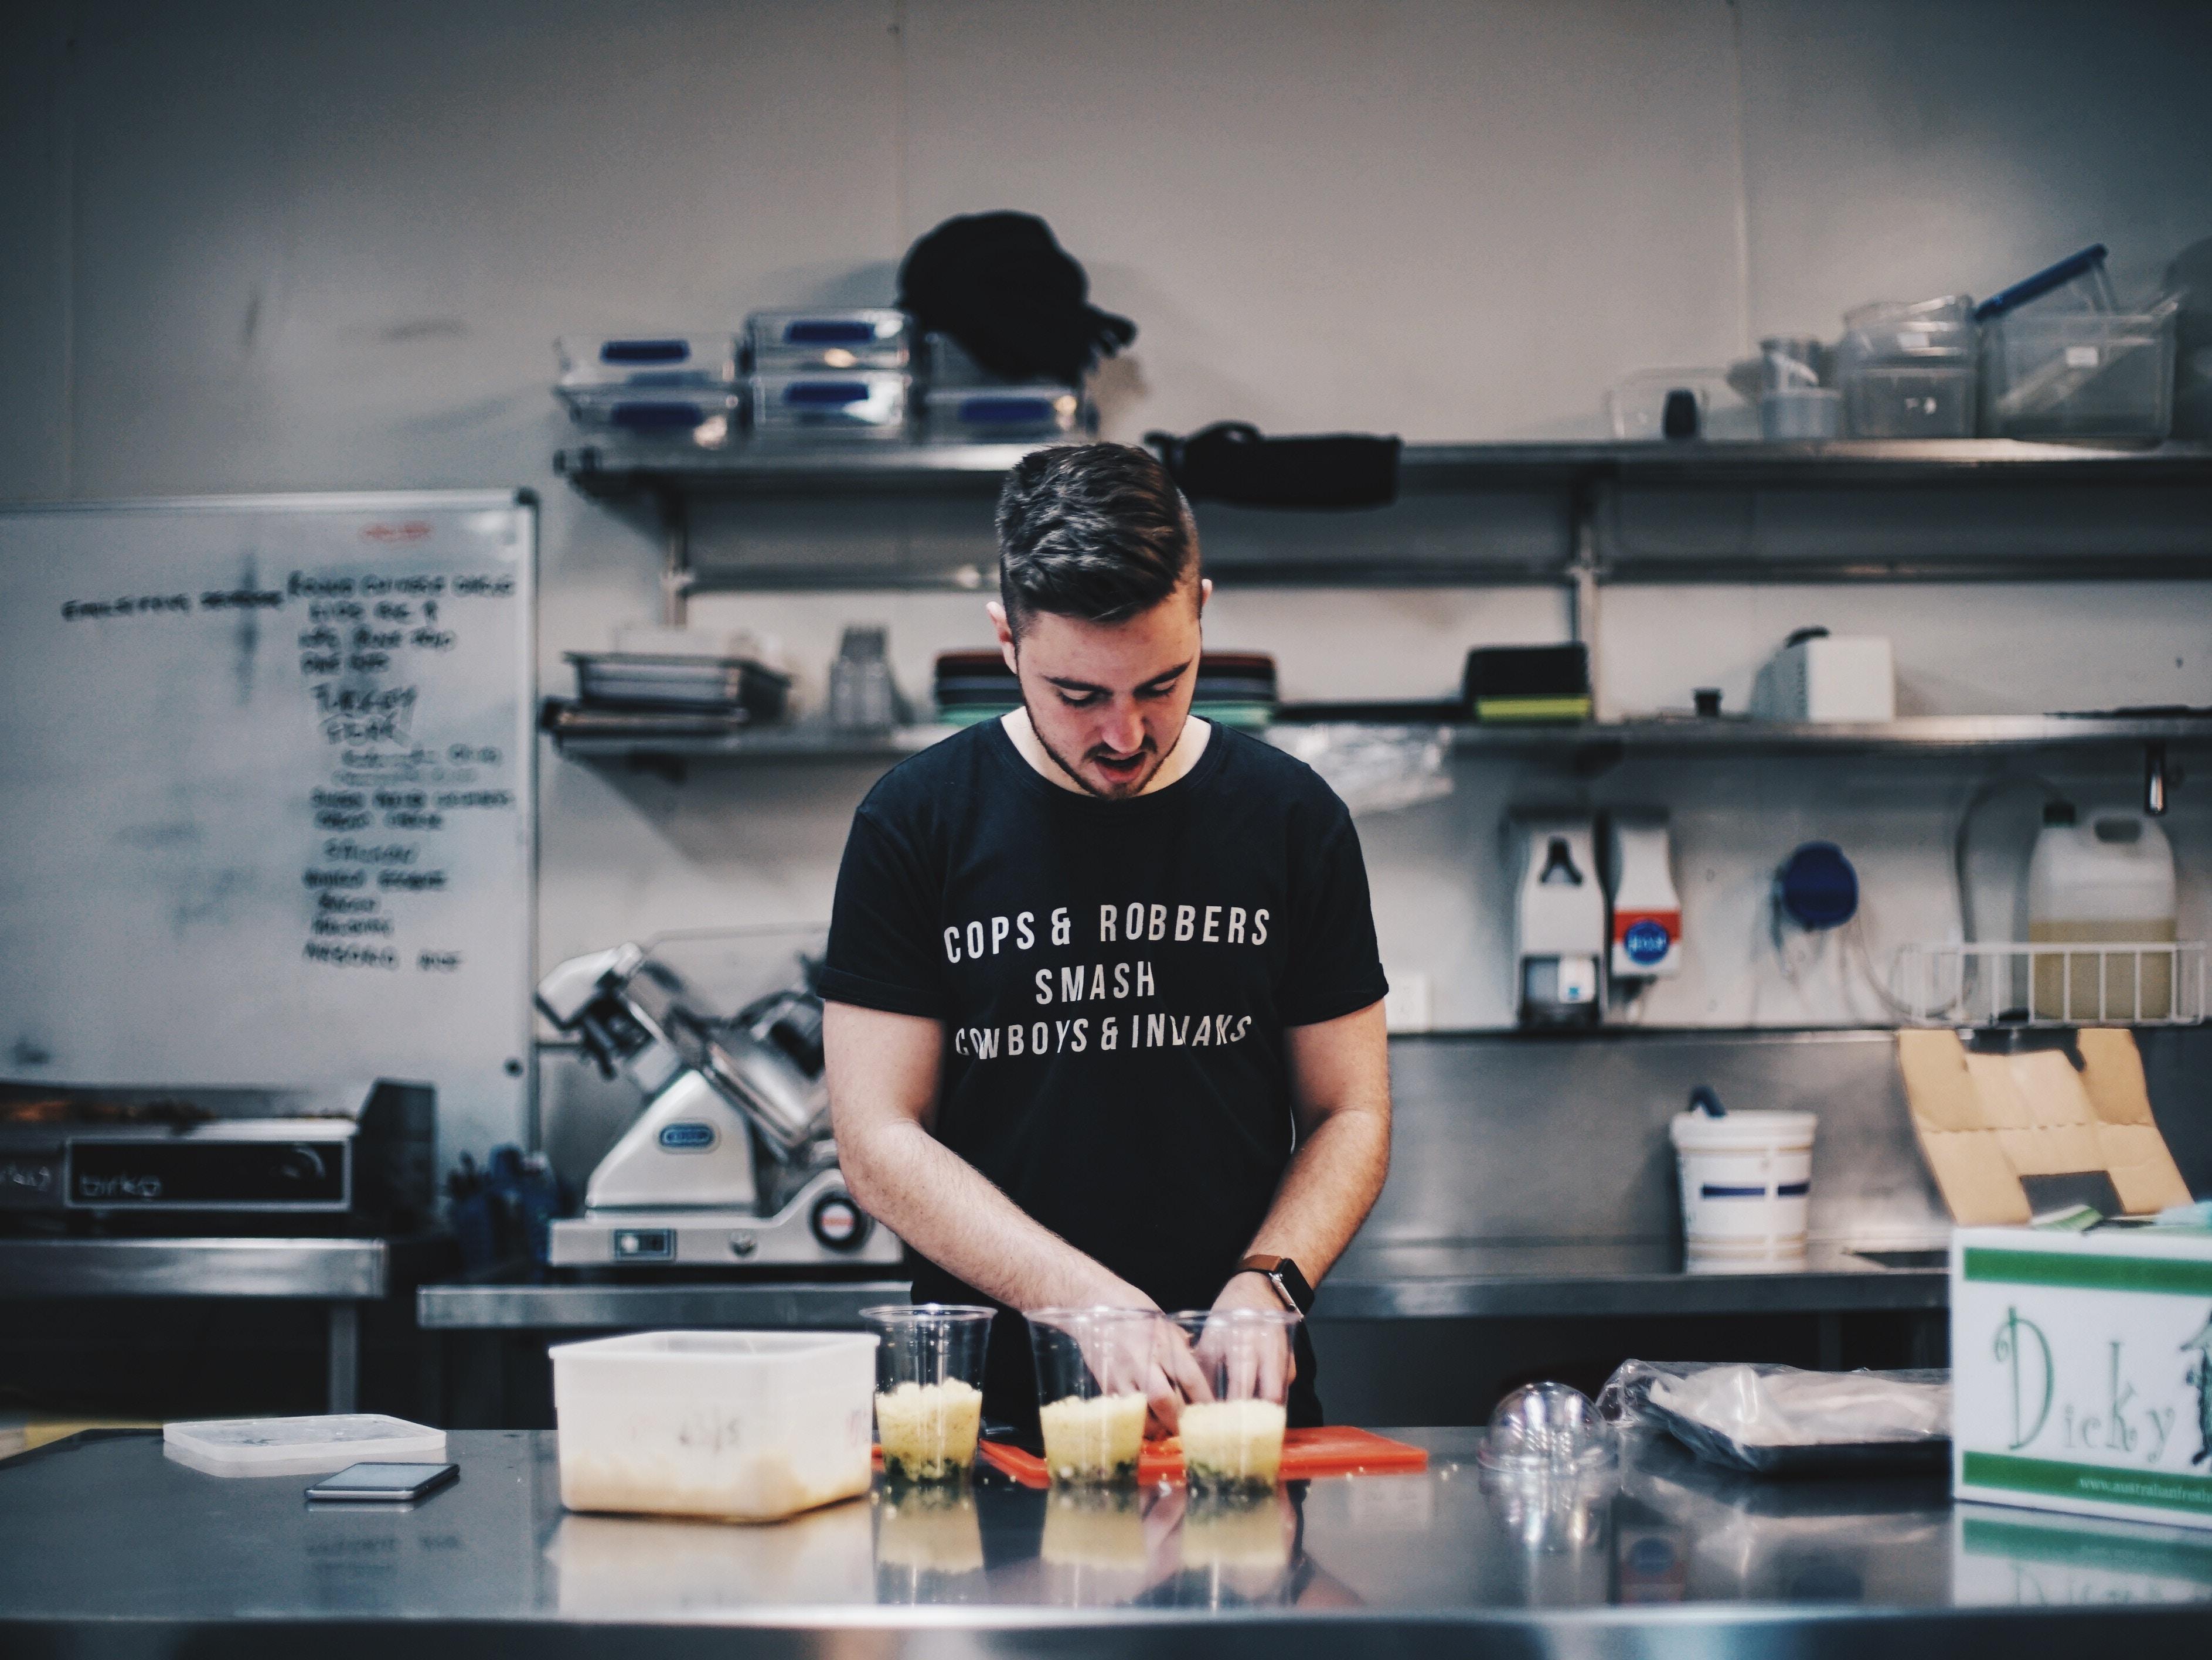 De 4 handigste producten in de keuken